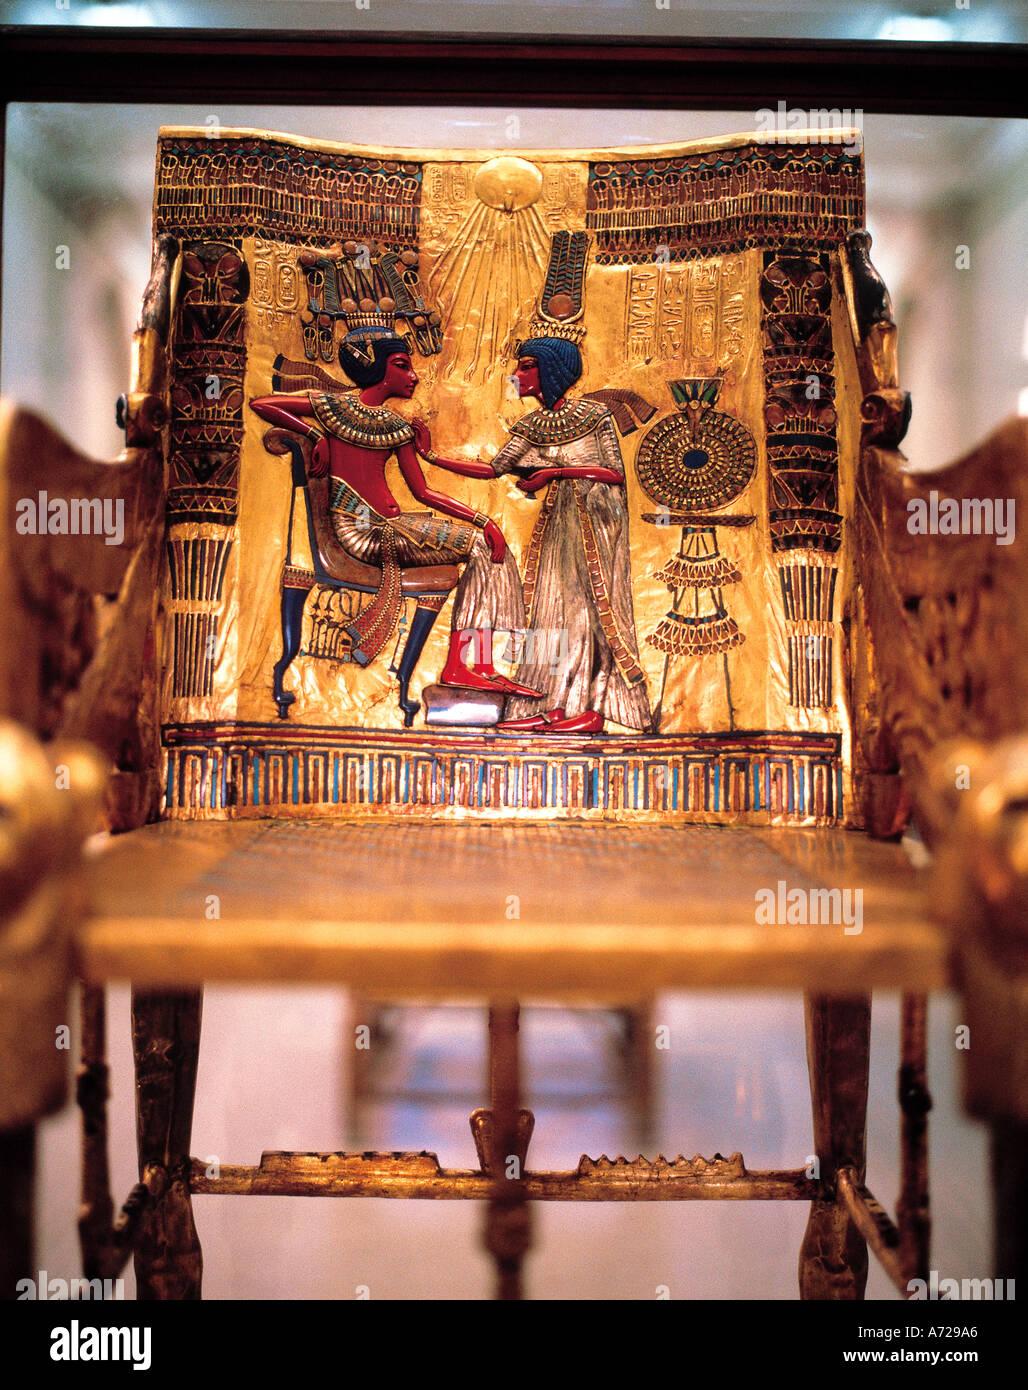 Tutankhamun Throne in the Cairo Museum Cairo Egypt - Stock Image